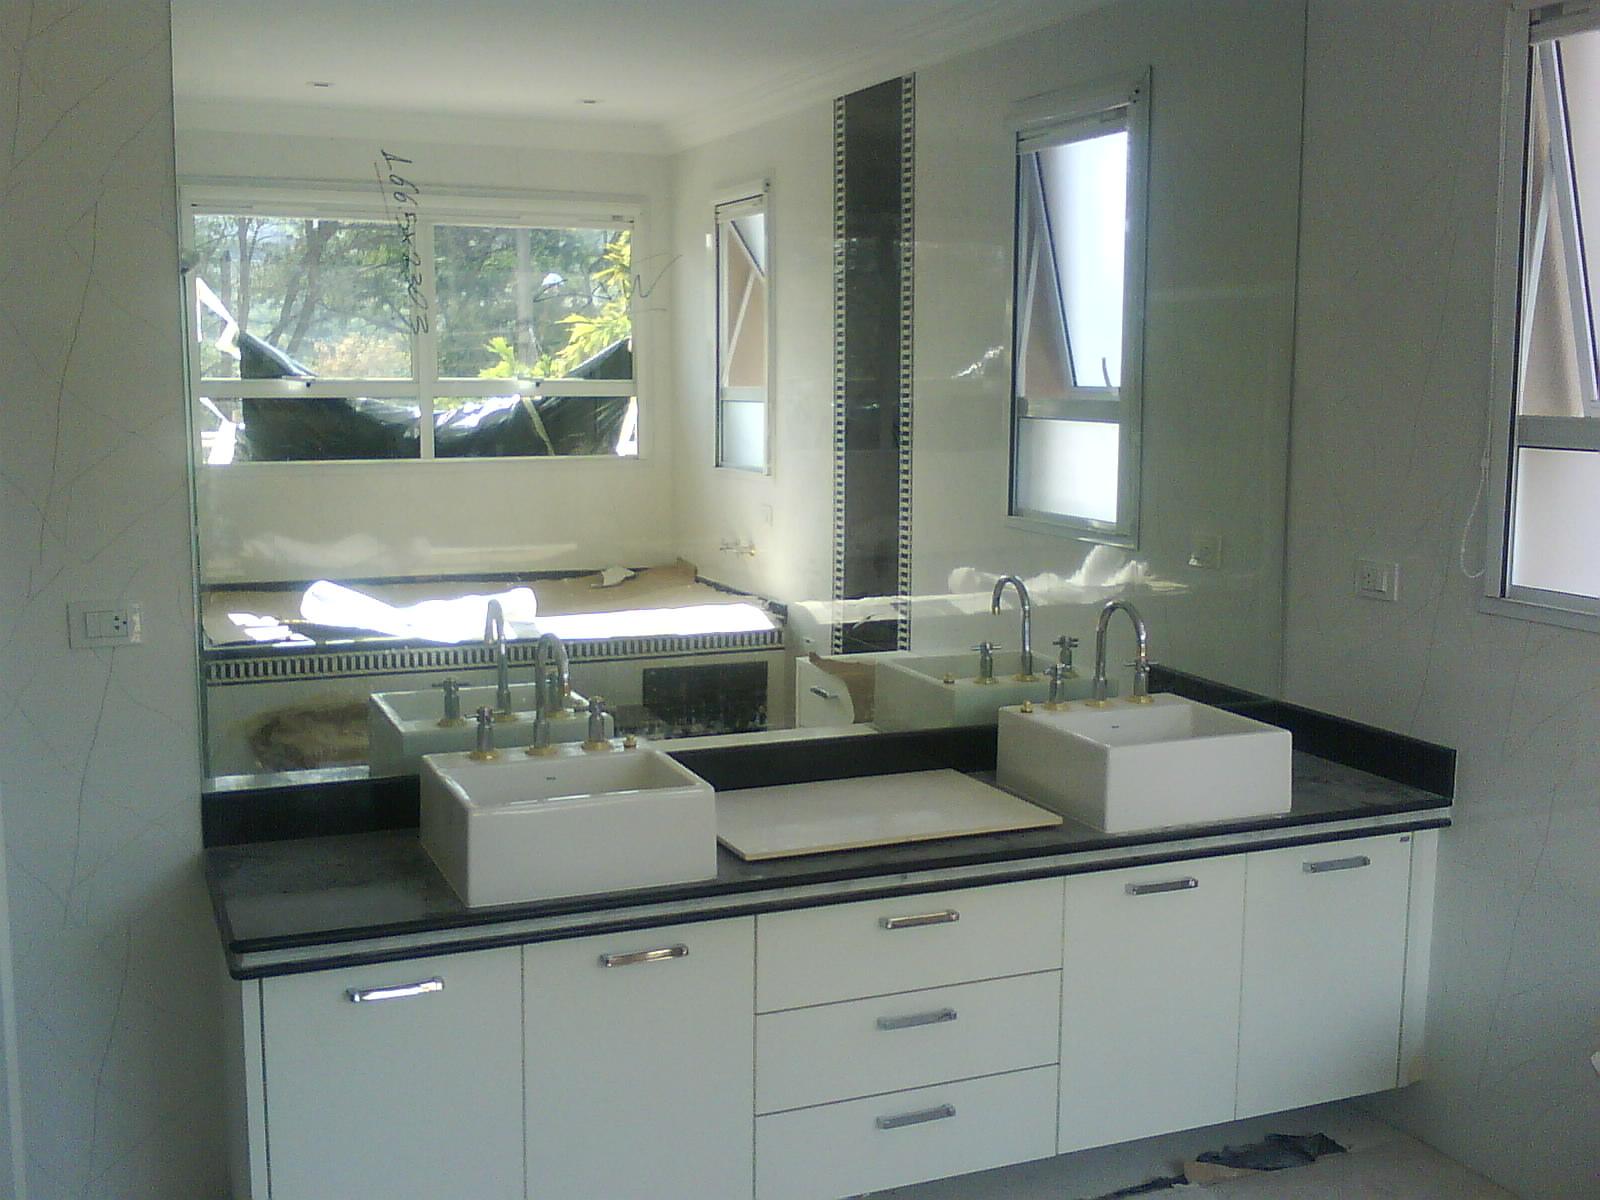 Imagens de #556076 VIPaulo Vidros e Box: Espelhos box jateado pia de vidro divisórias  1600x1200 px 3250 Box Acrilico Para Banheiro Feira De Santana